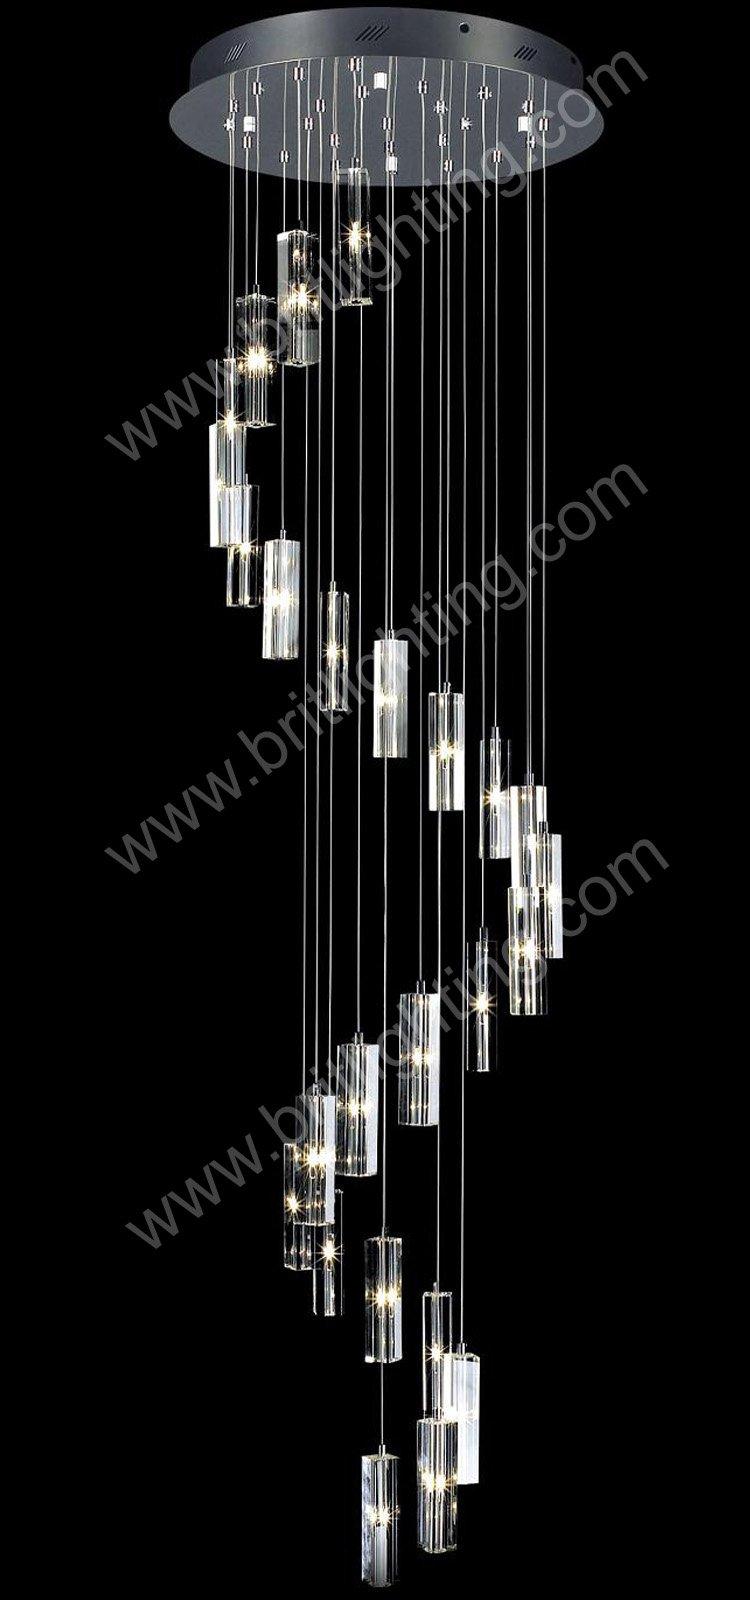 luz lustres passo a passo 25 luz uso Spiral Candelabro moderno para escada bem cair em espiral de cristal luz do candelabro(China (Mainland))